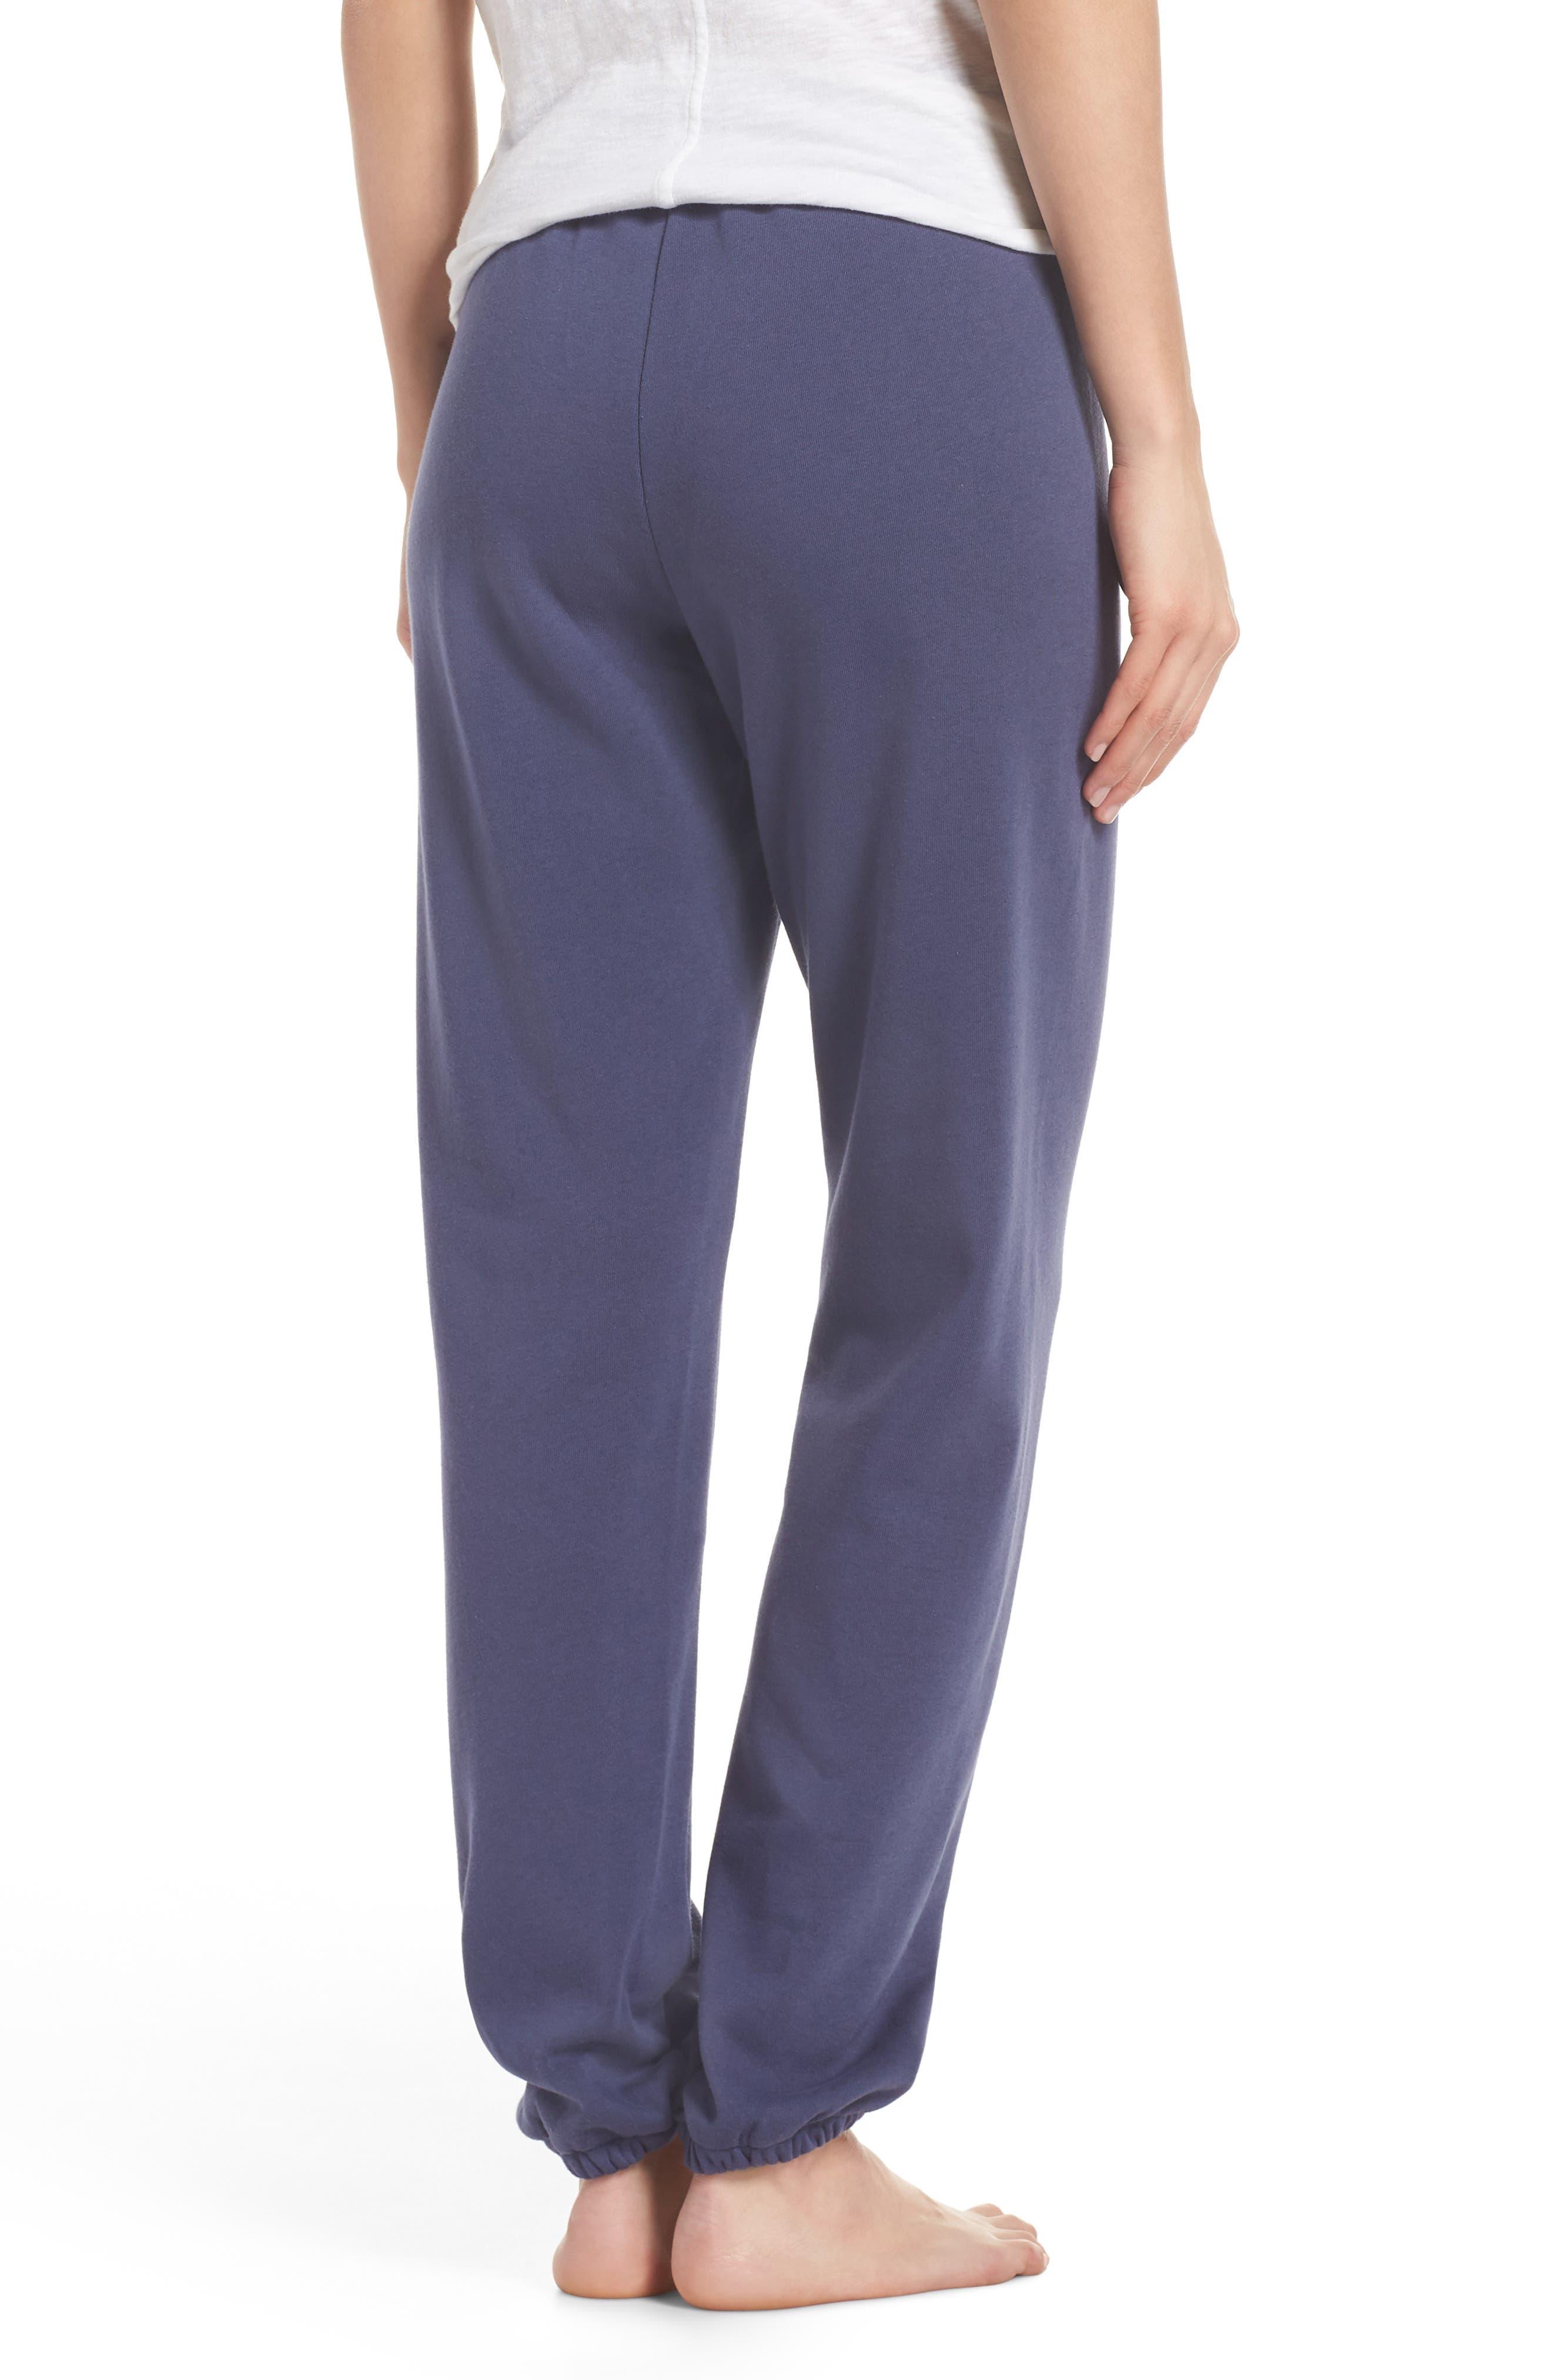 Sleepy High Rise Lounge Jogger Pants,                             Alternate thumbnail 2, color,                             Blue Indigo